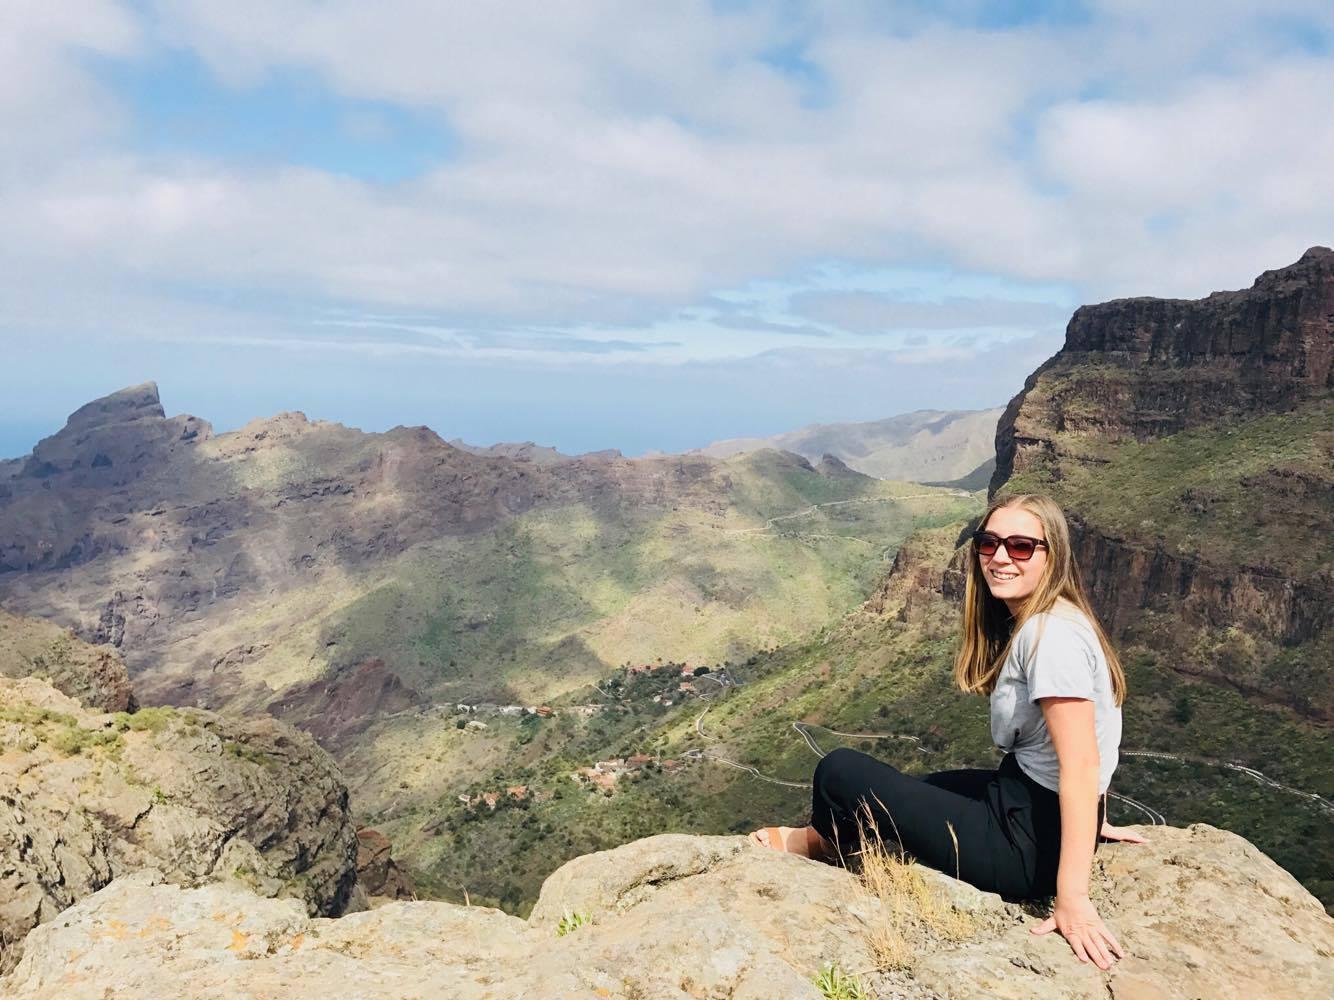 UTFORSK NATUREN: Høye fjell, dype daler, svarte strender og grønne skoger. Destinasjonssjef Inga Måkestad synes noe av det aller beste med Tenerife er nettopp kontrastene.